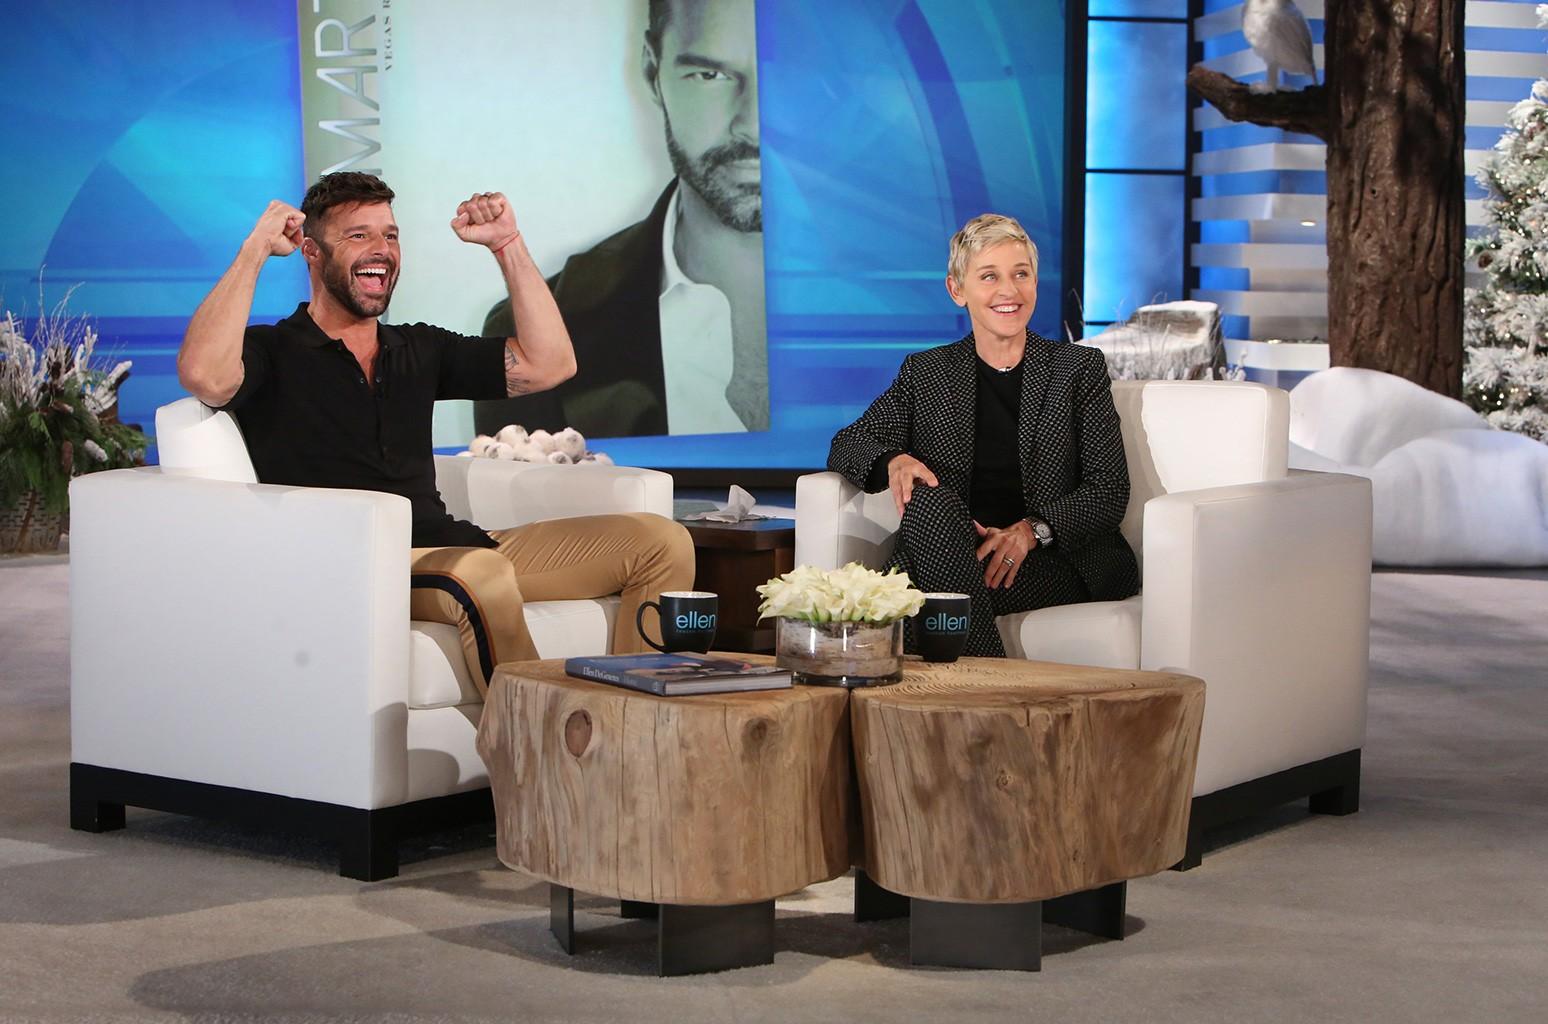 Ricky Martin on The Ellen DeGeneres Show on Nov. 16, 2016.